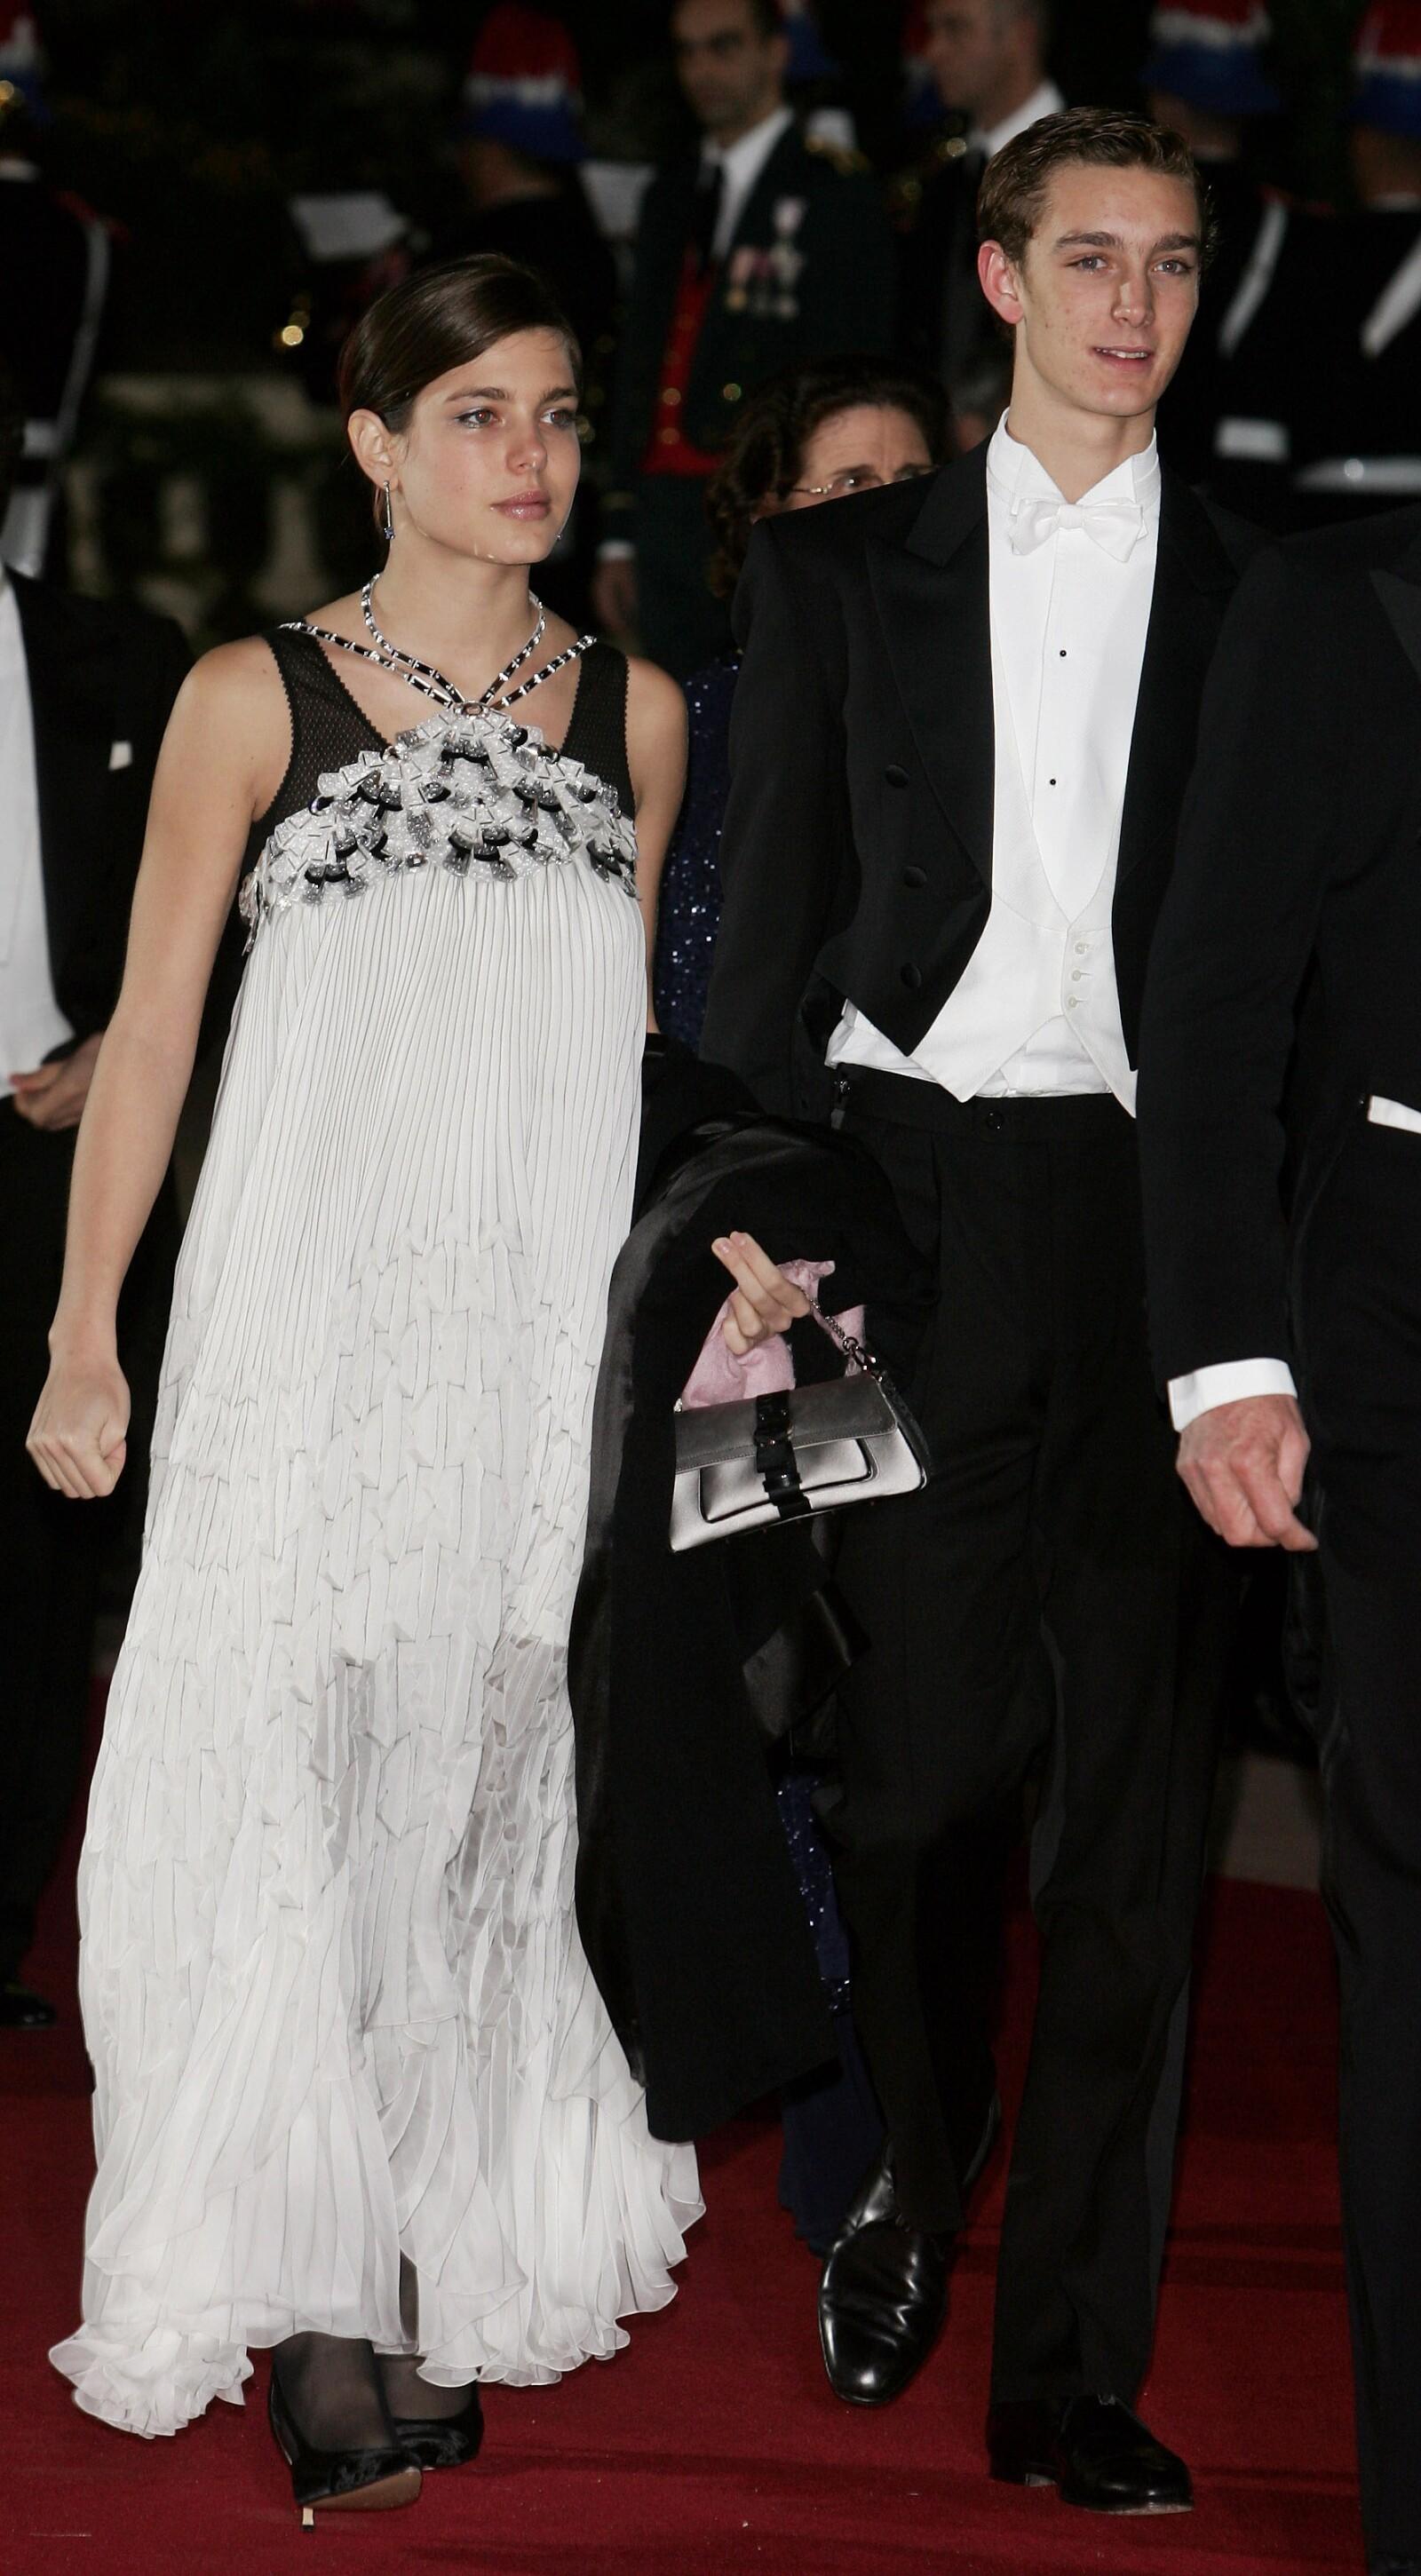 En 2005, con apenas 21 años, Carlota hacía sus primeras apariciones en galas e iniciaba con pie derecho. Aquí con su hermano Pierre en el Día Nacional de Mónaco.